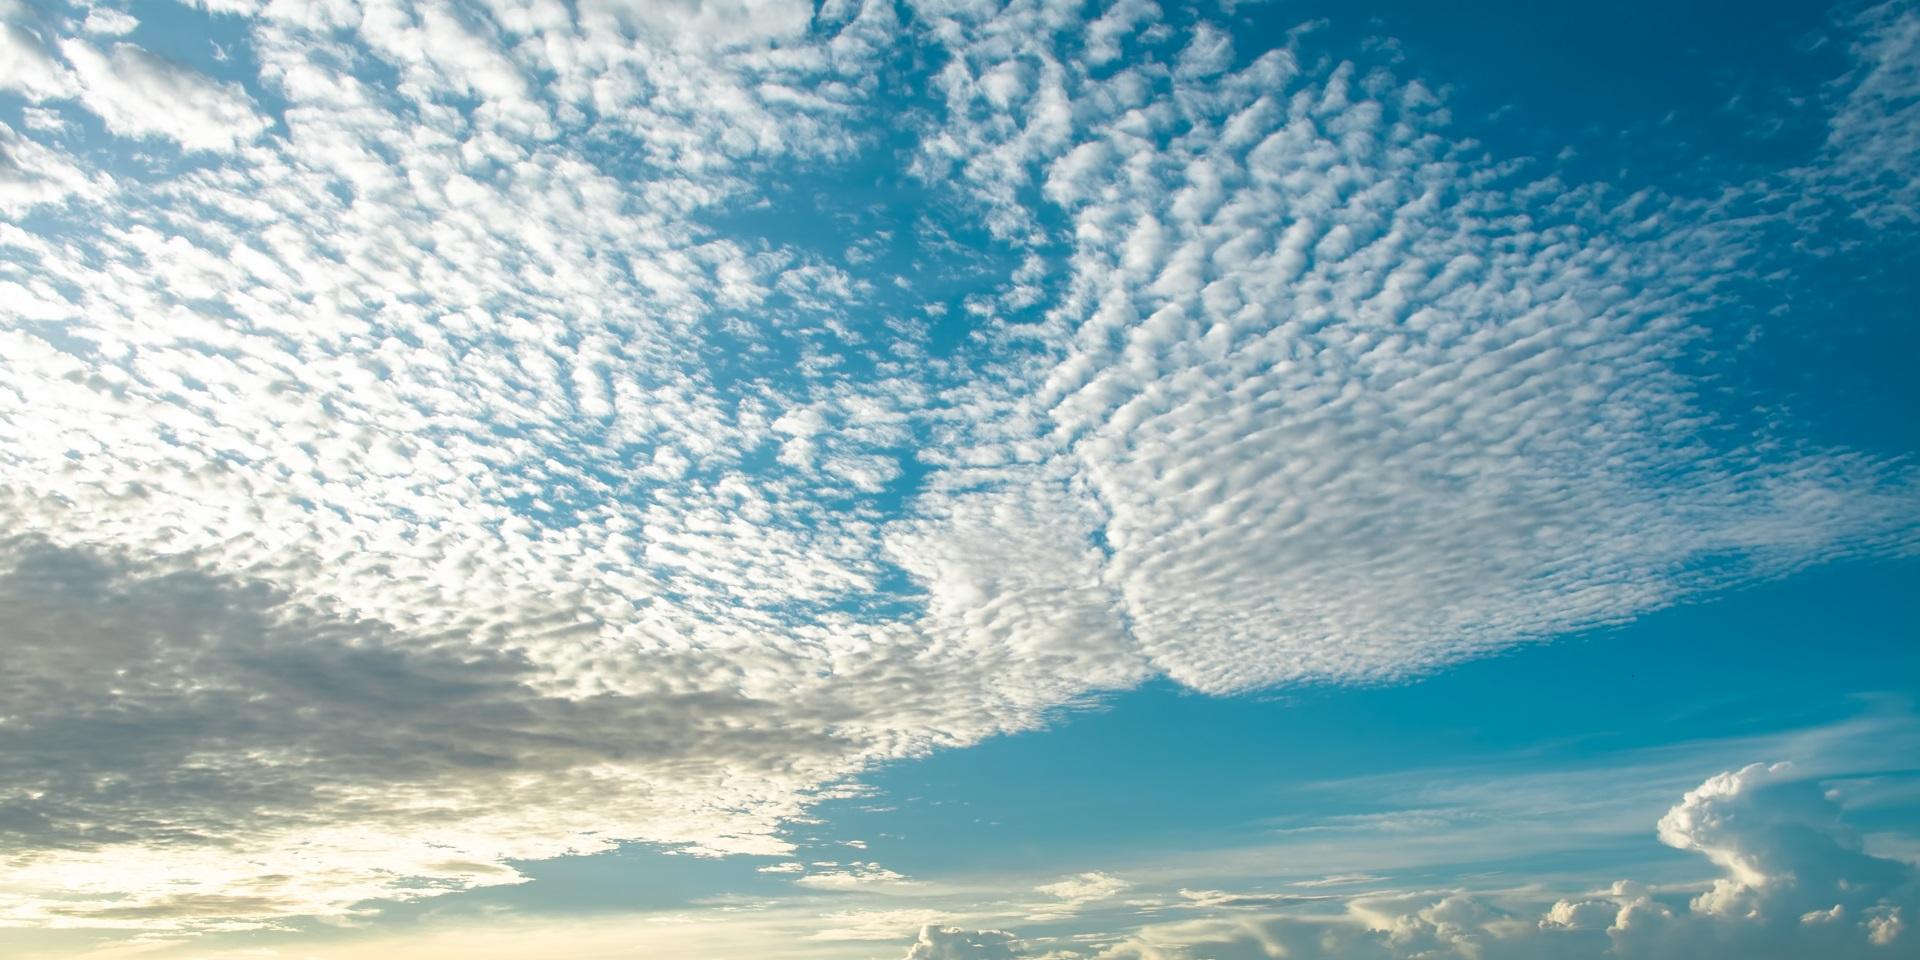 Hình ảnh tản mây gợn sóng